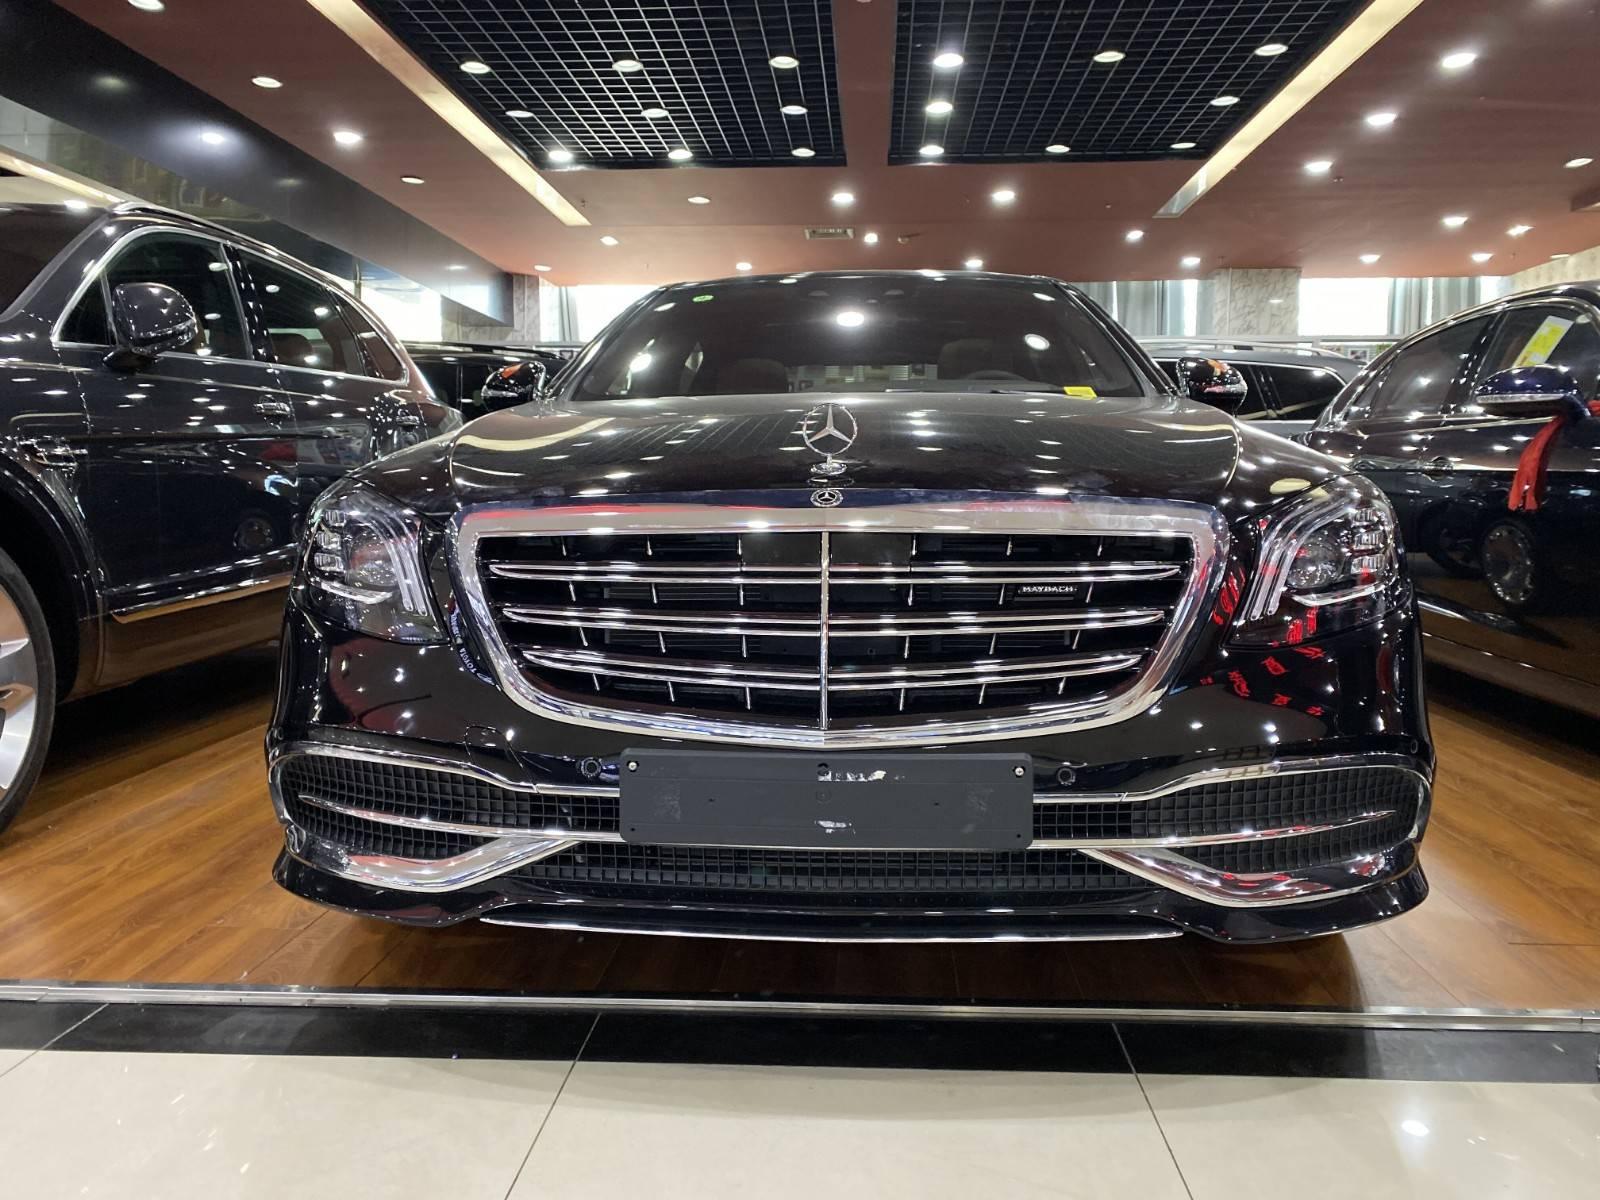 新款奔馳邁巴赫S560頂峰豪華車商務接待轎 津港酬賓惠